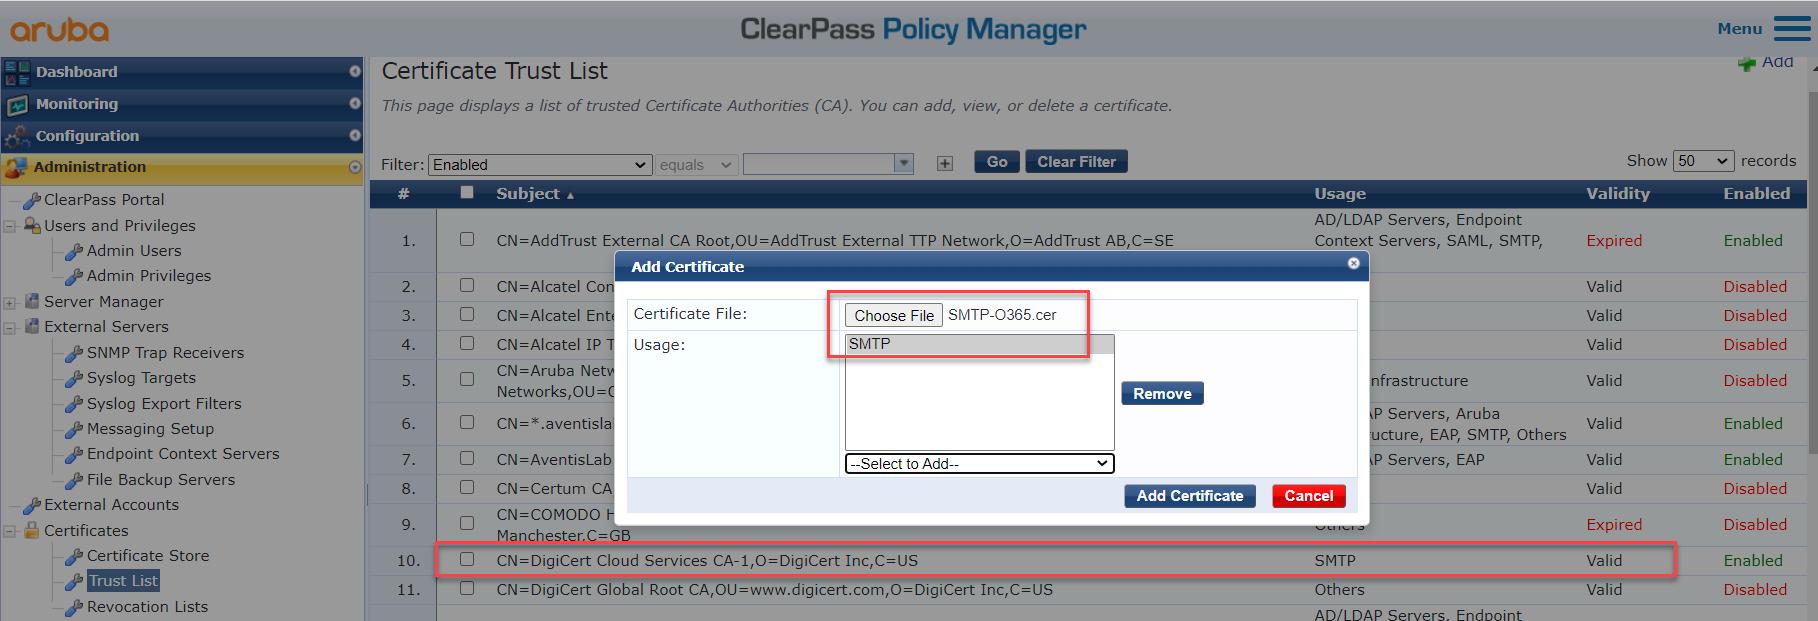 Configure SMTP Server In Aruba ClearPass